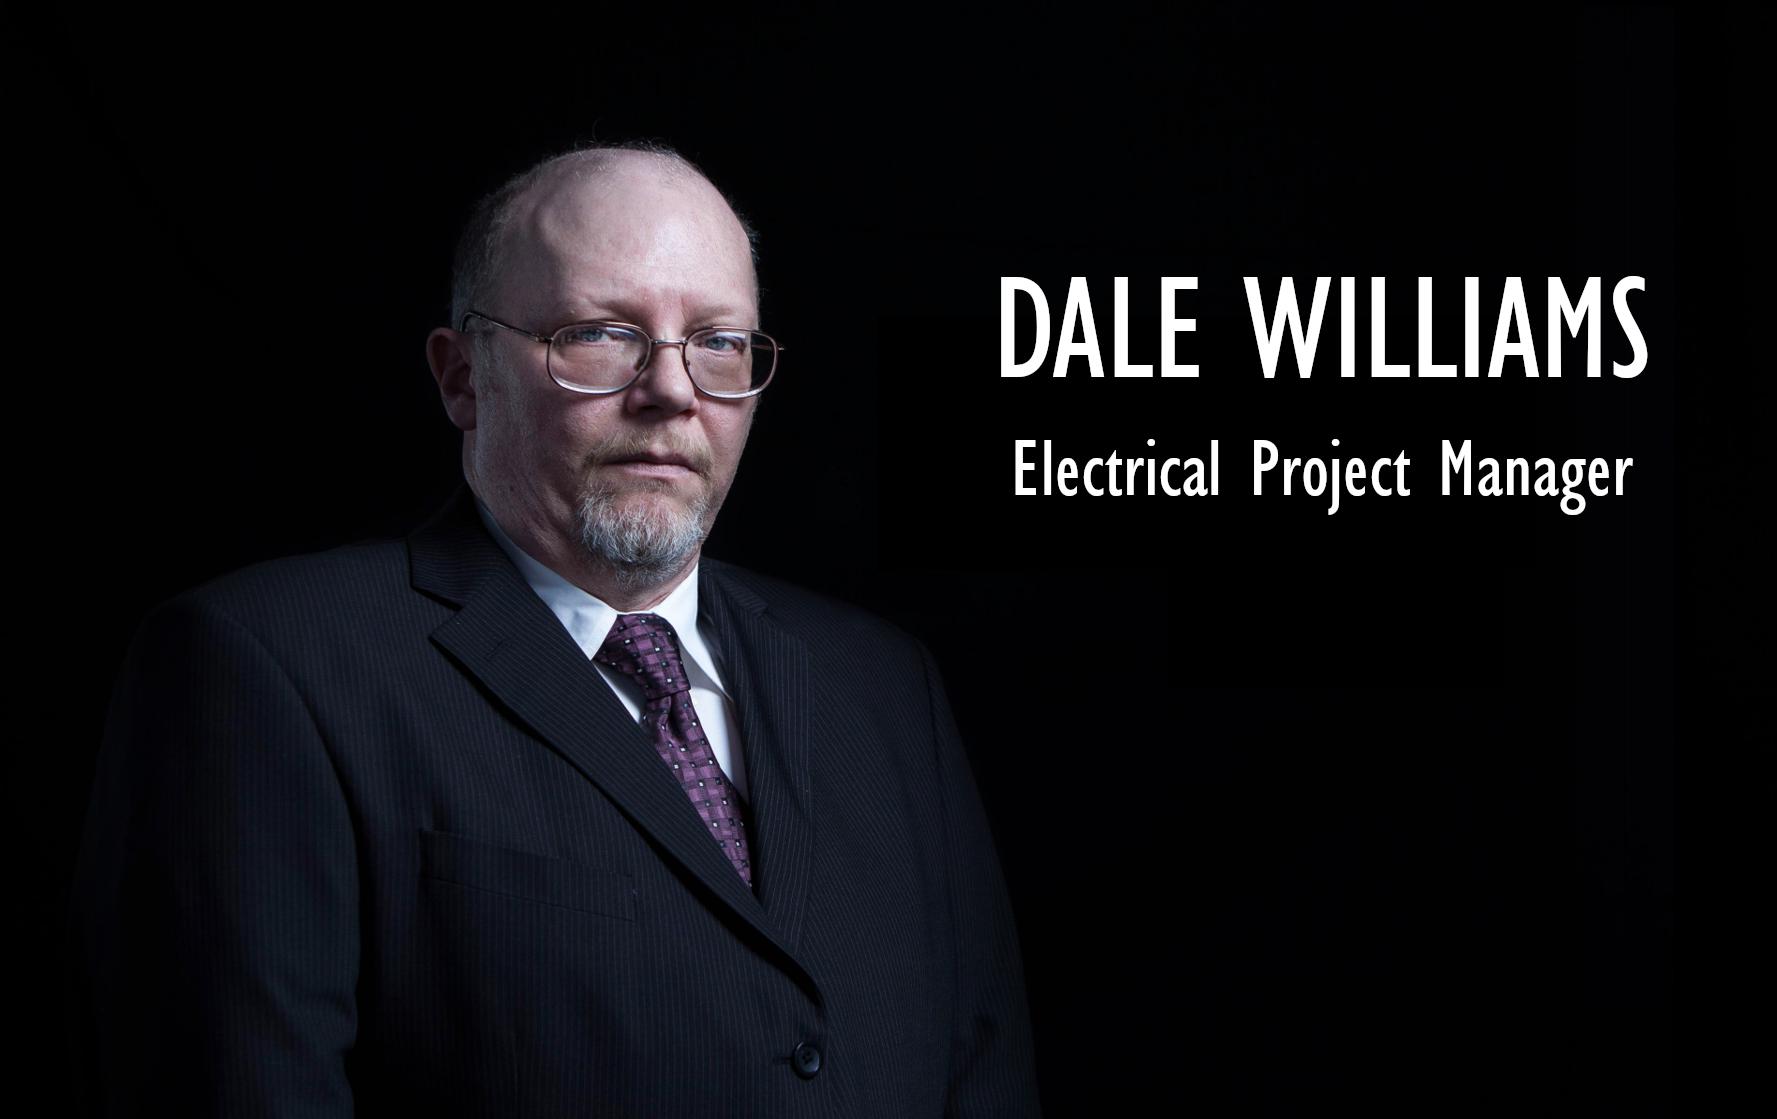 Dale Williams